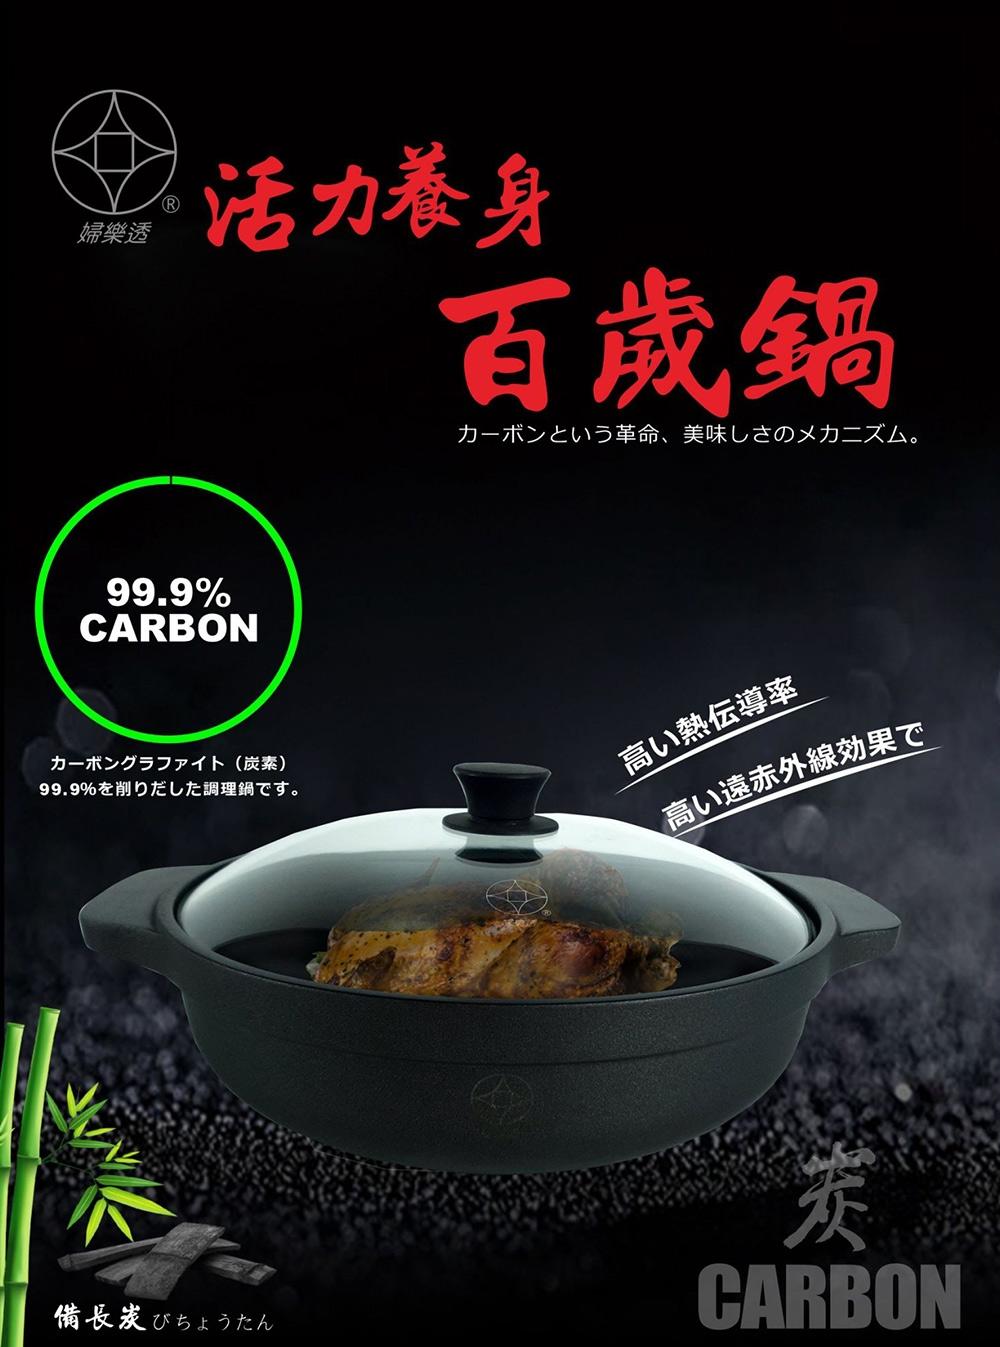 黑鑽石養生鍋 遠紅外線全炭百歲鍋